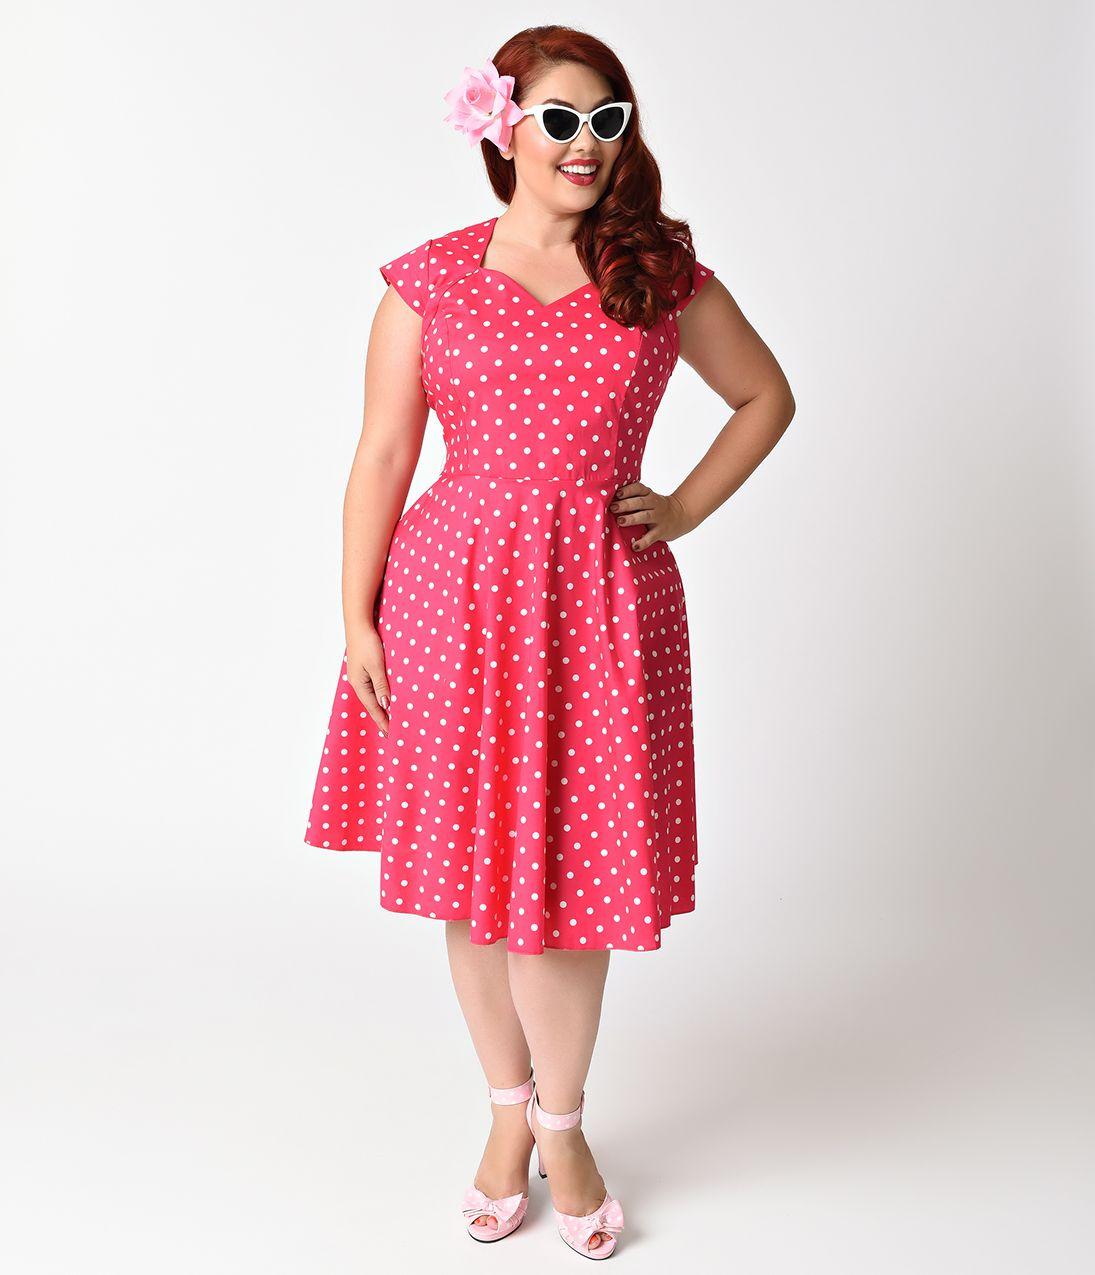 Plus Size 1950s Style Dresses